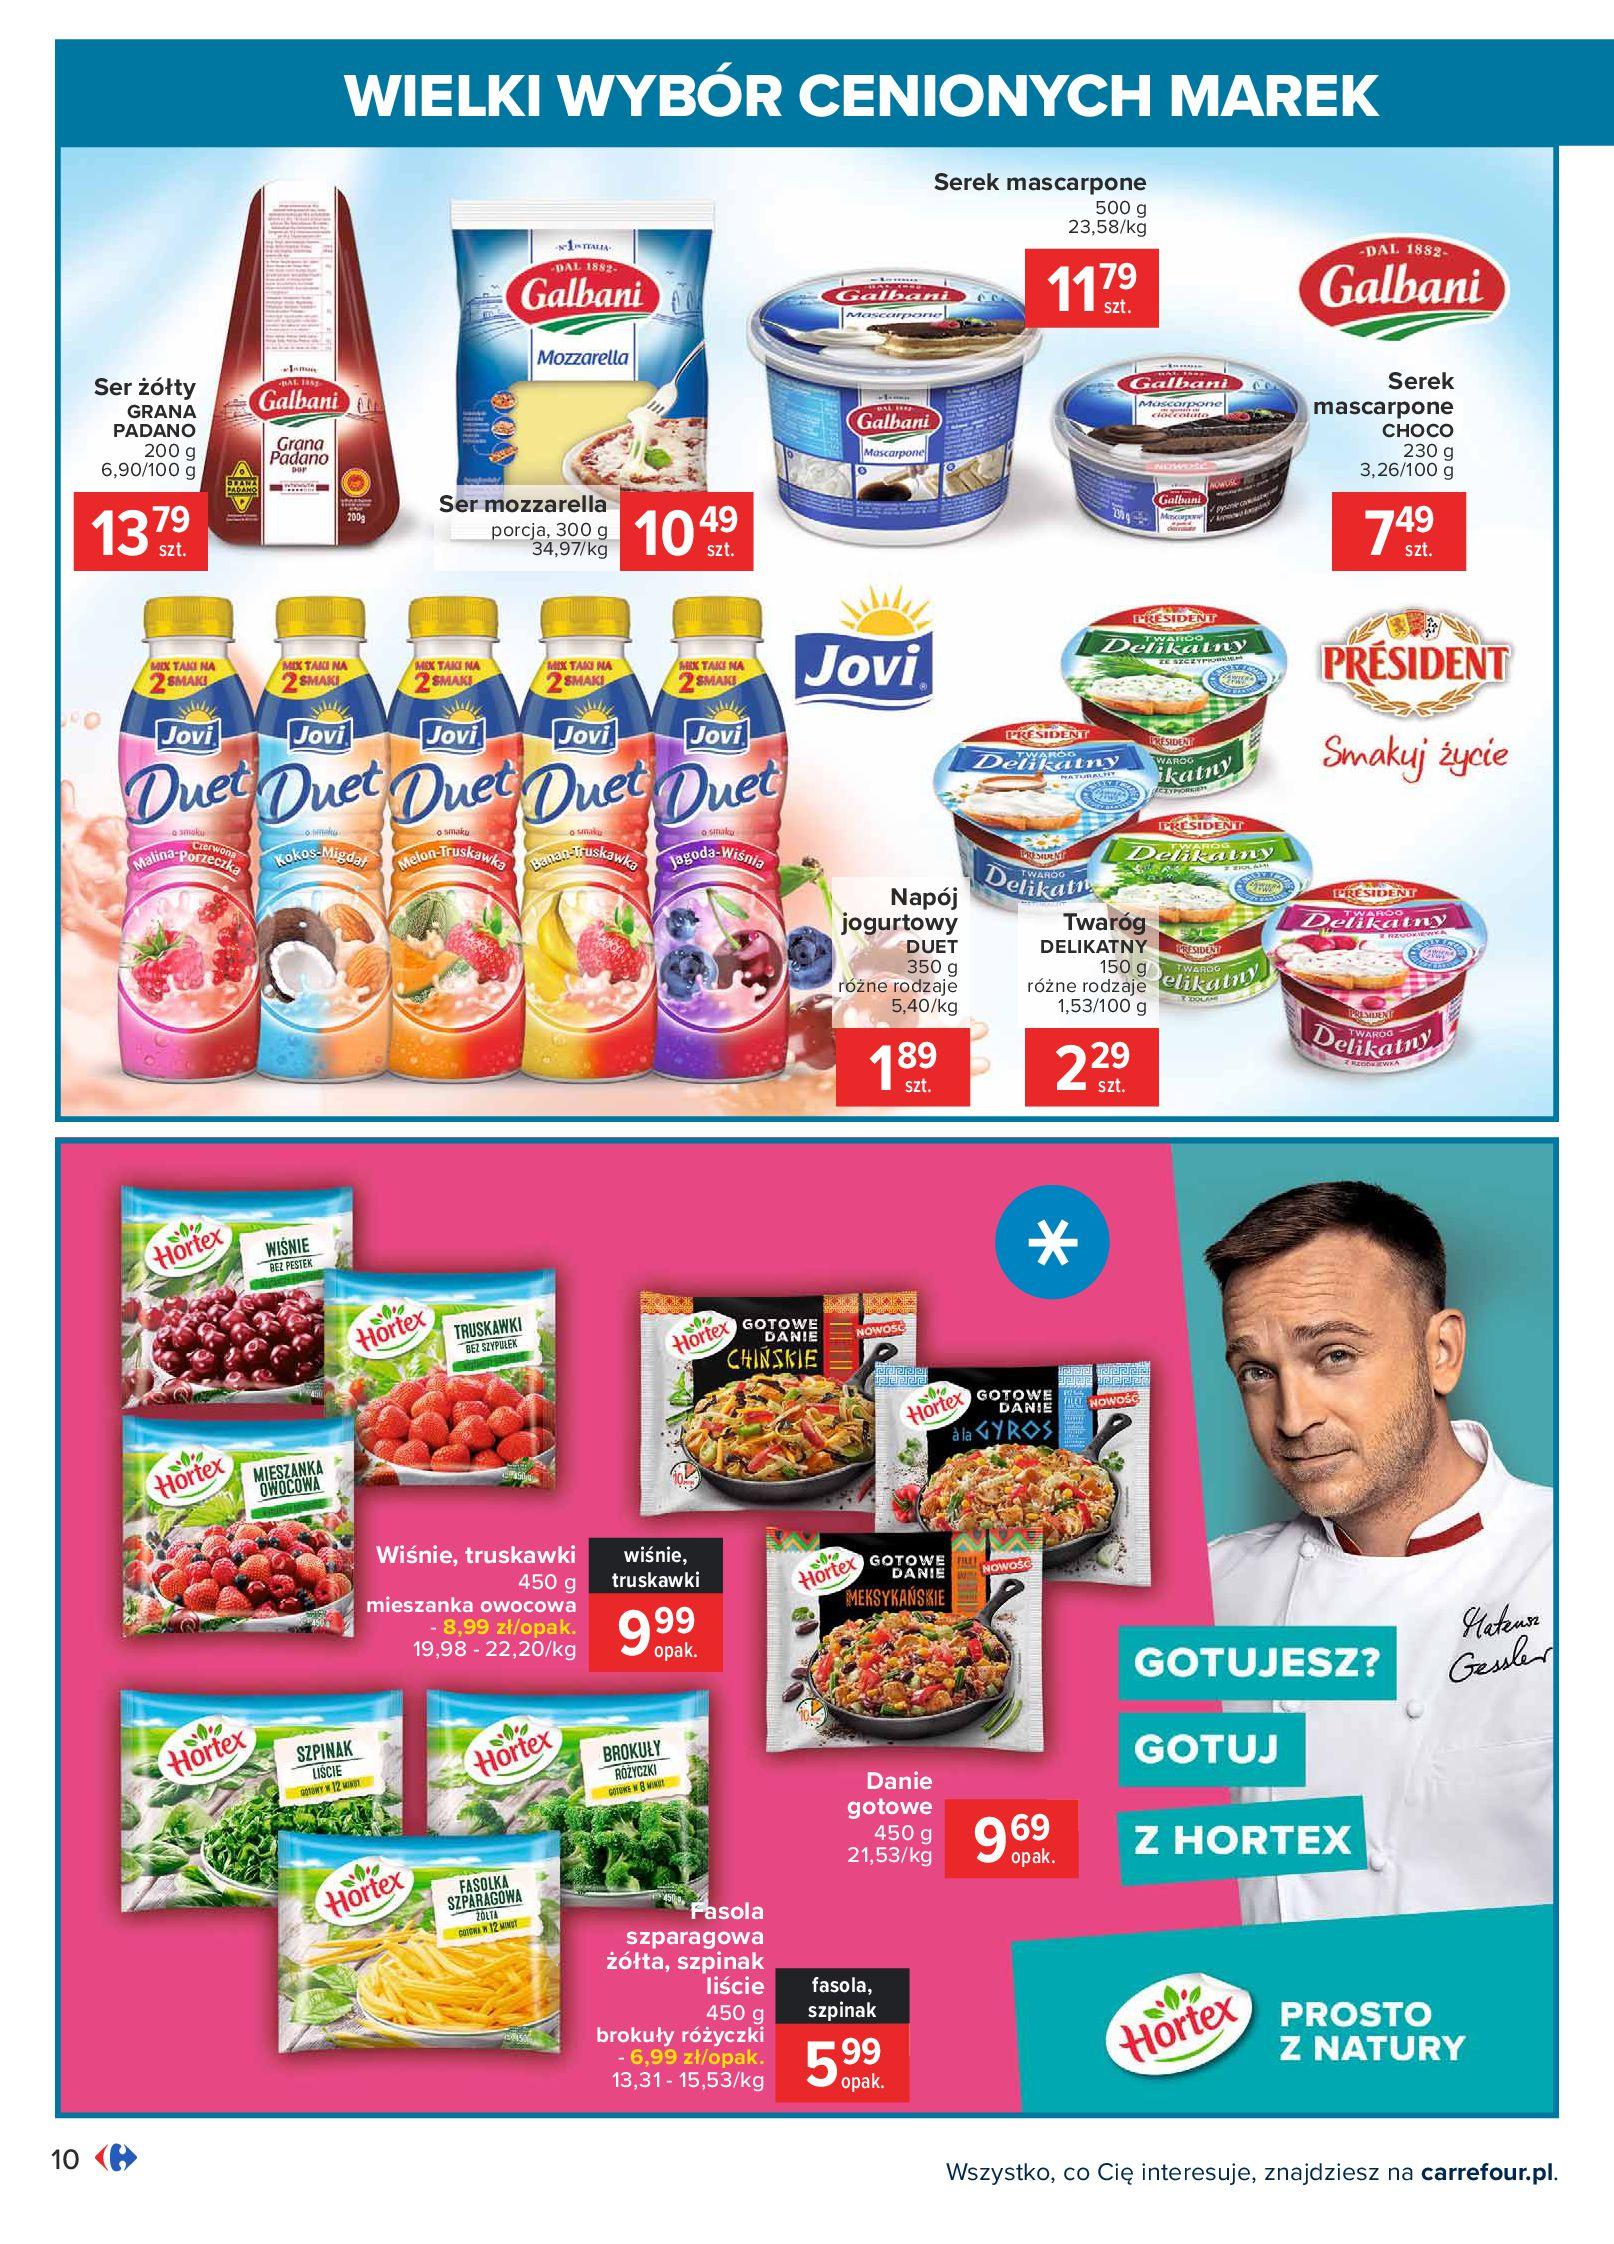 Gazetka Carrefour: Wielki wybór cenionych marek 2021-05-04 page-10